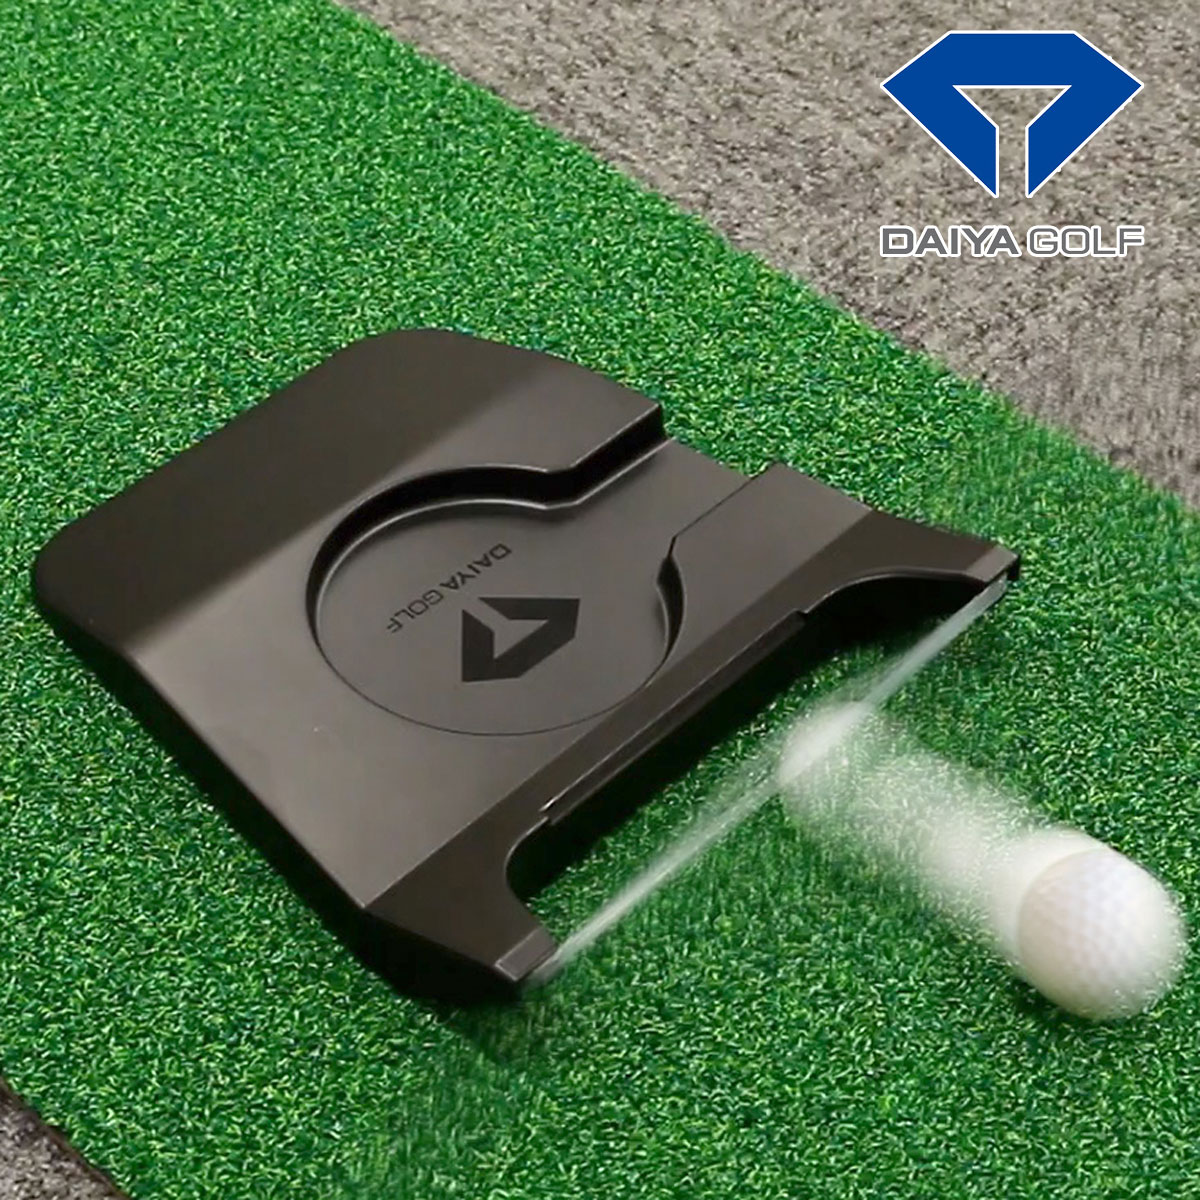 即納 DAIYA GOLF ダイヤゴルフ 日本正規品 PUTT REFLECTOR 予約販売 2020モデル ダイヤパットリフレクター ゴルフパター練習用品 あす楽対応 大放出セール パターカップ TR-474